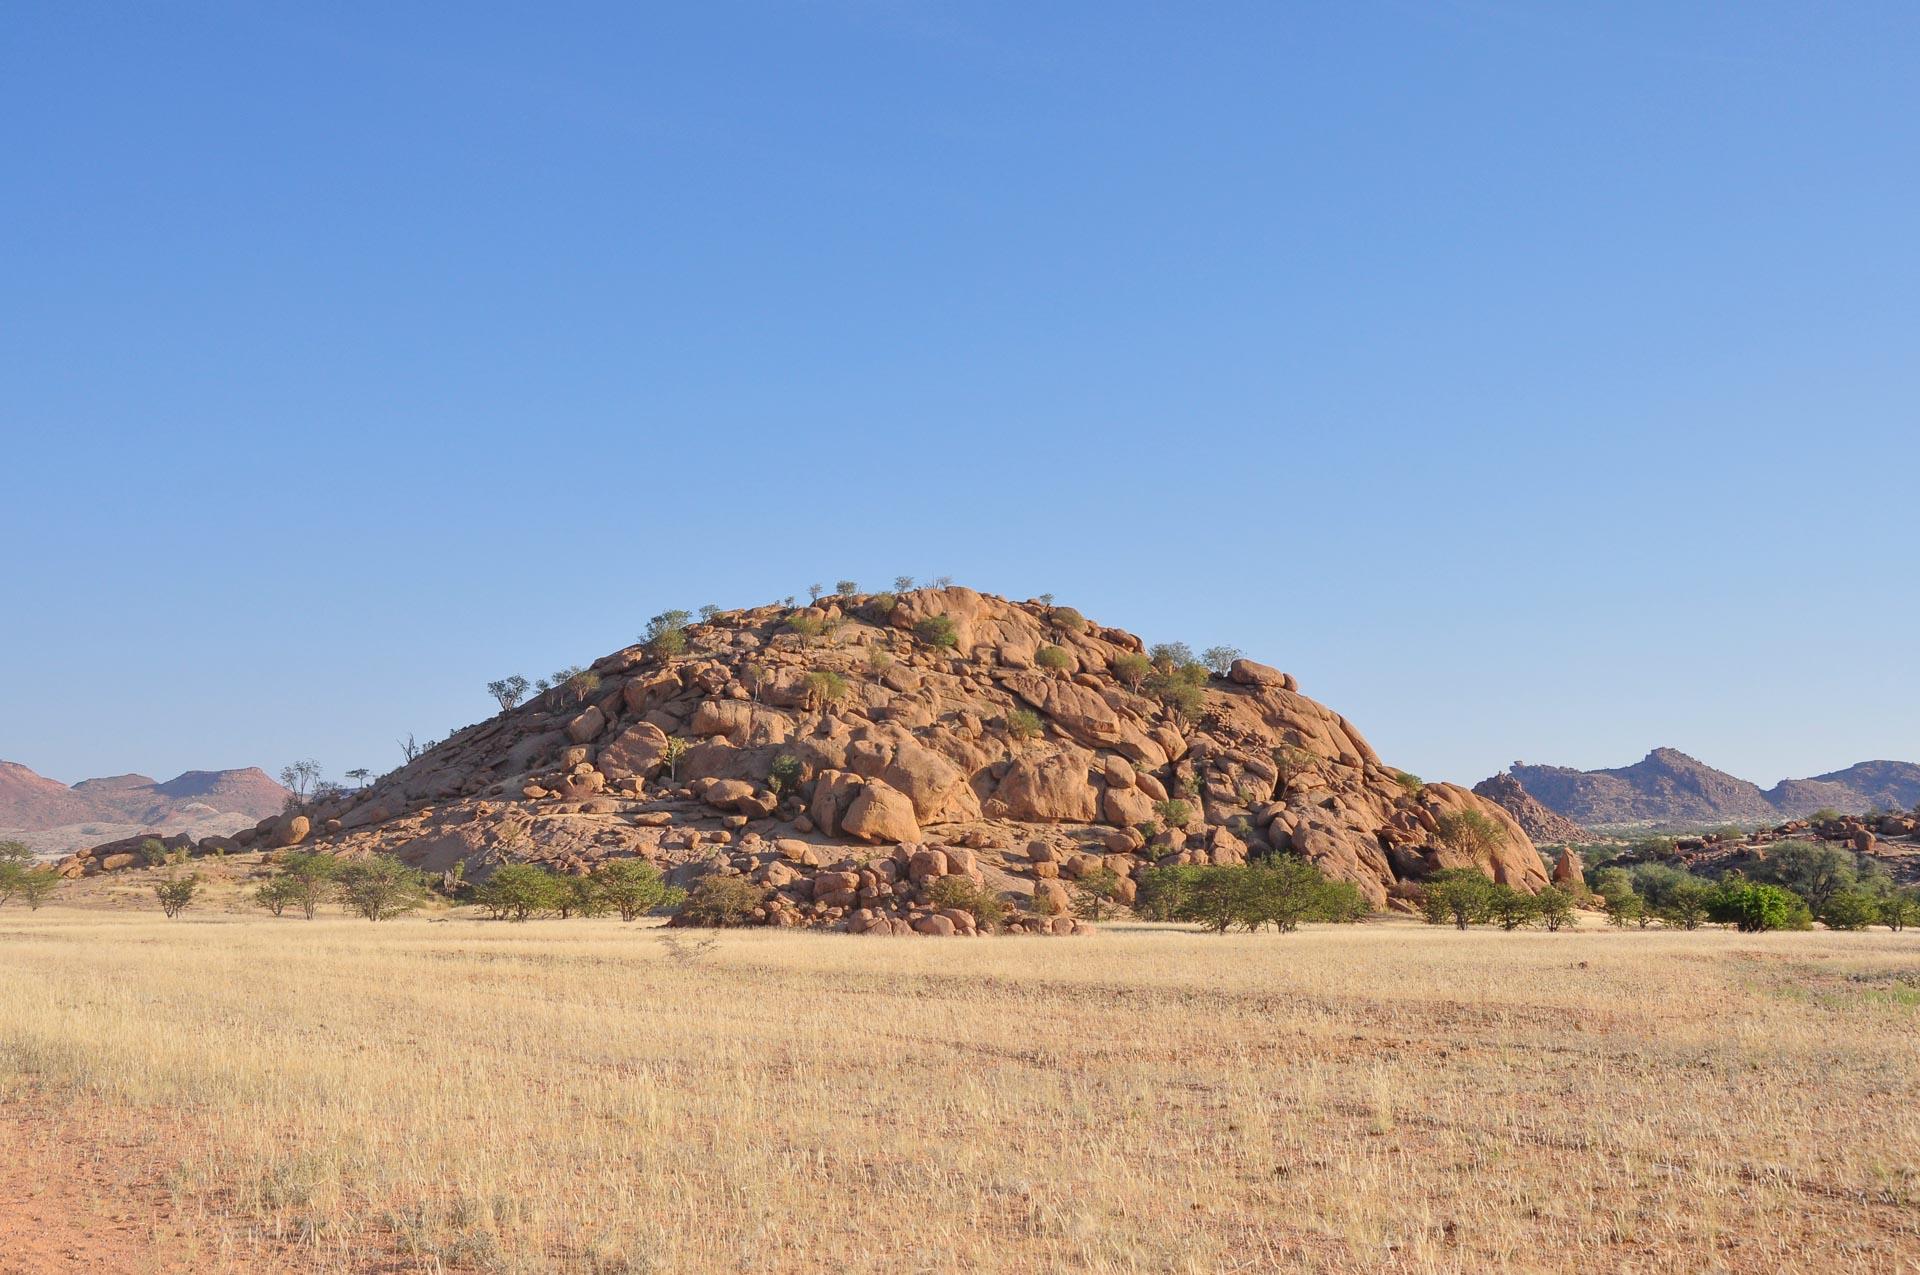 Damaraland-Namibia-Globetrotter-Select-35